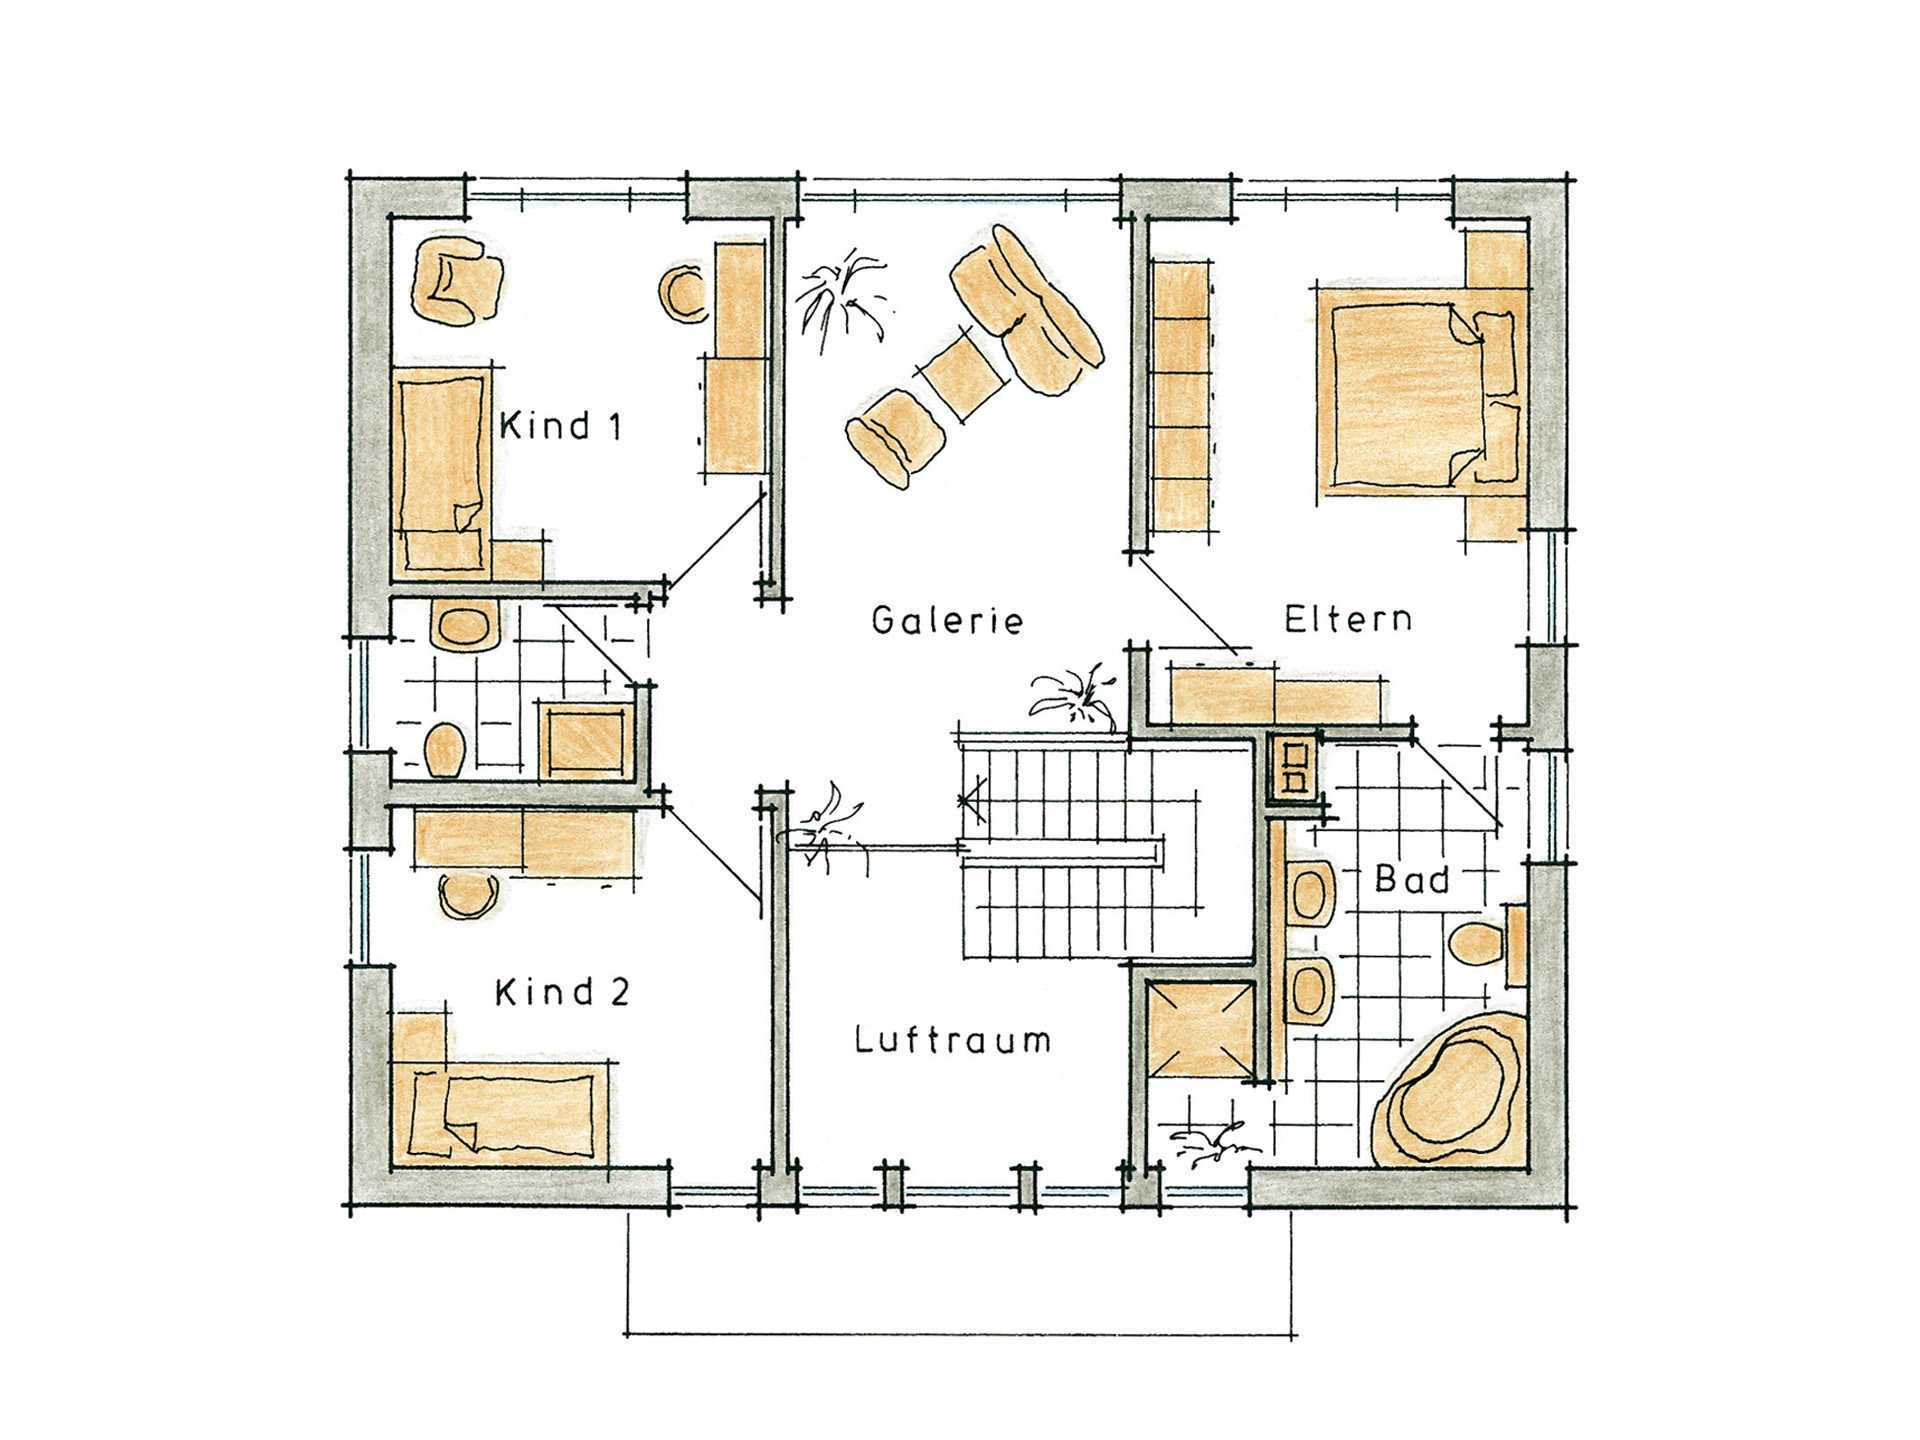 Musterhaus Kaiseraugst von Gussek Haus - Grundriss OG